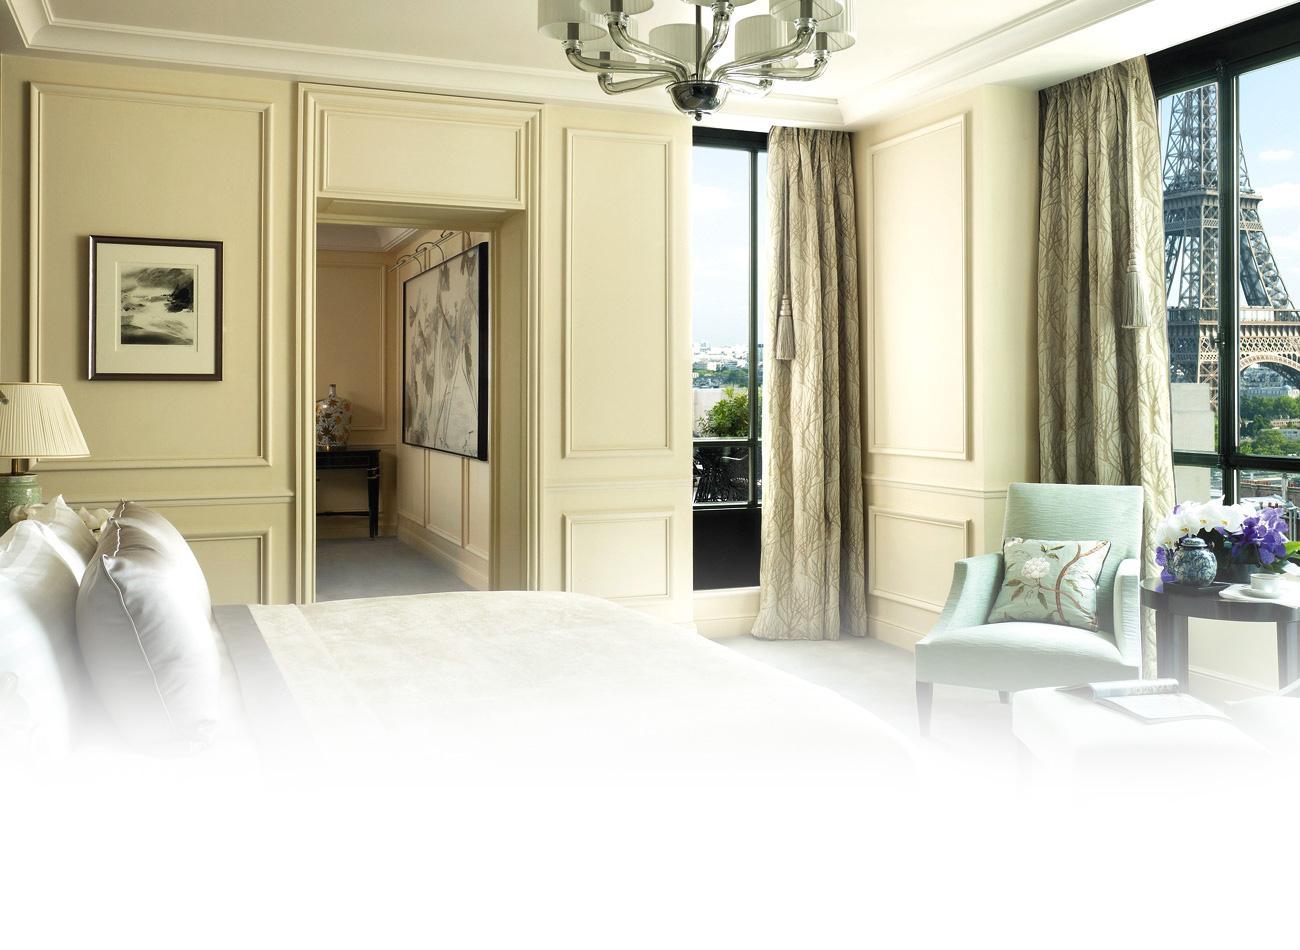 SLPR-Bg-Rooms-Suites-La-Suite-Chaillot